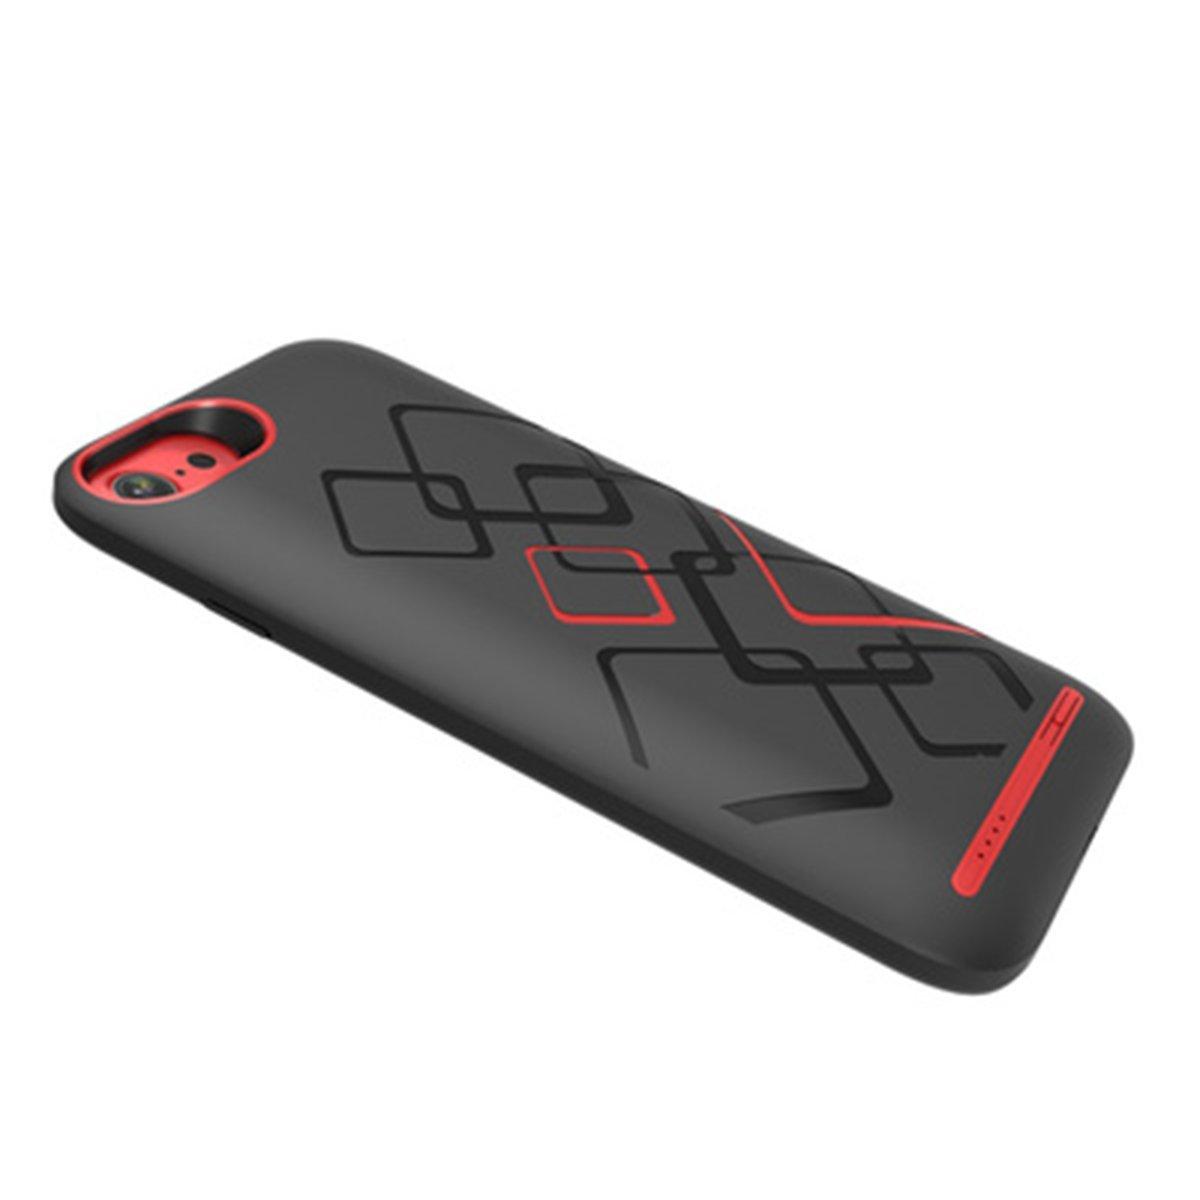 Moveski clip lưng GML166 5000 ma General 4.7 inch pin iPhone 6, 78 đại lượng điện không có viền hàm